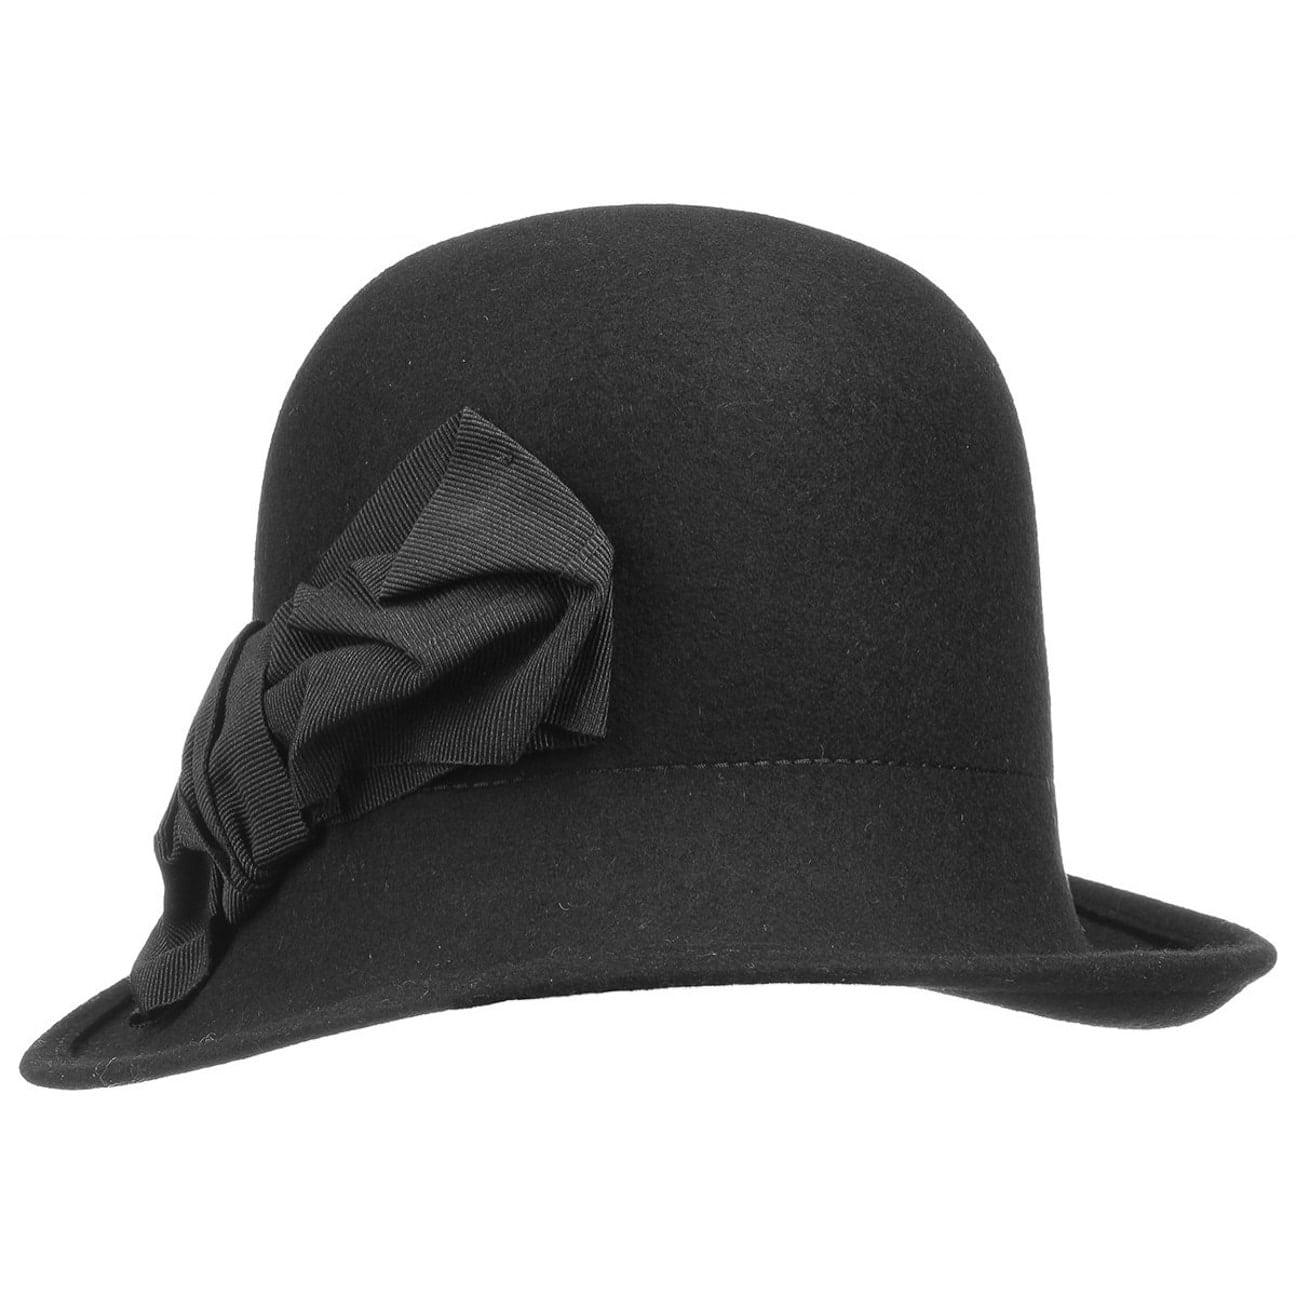 Sombrero Cloch? de Mujer by bedacht  sombrero de fieltro de lana